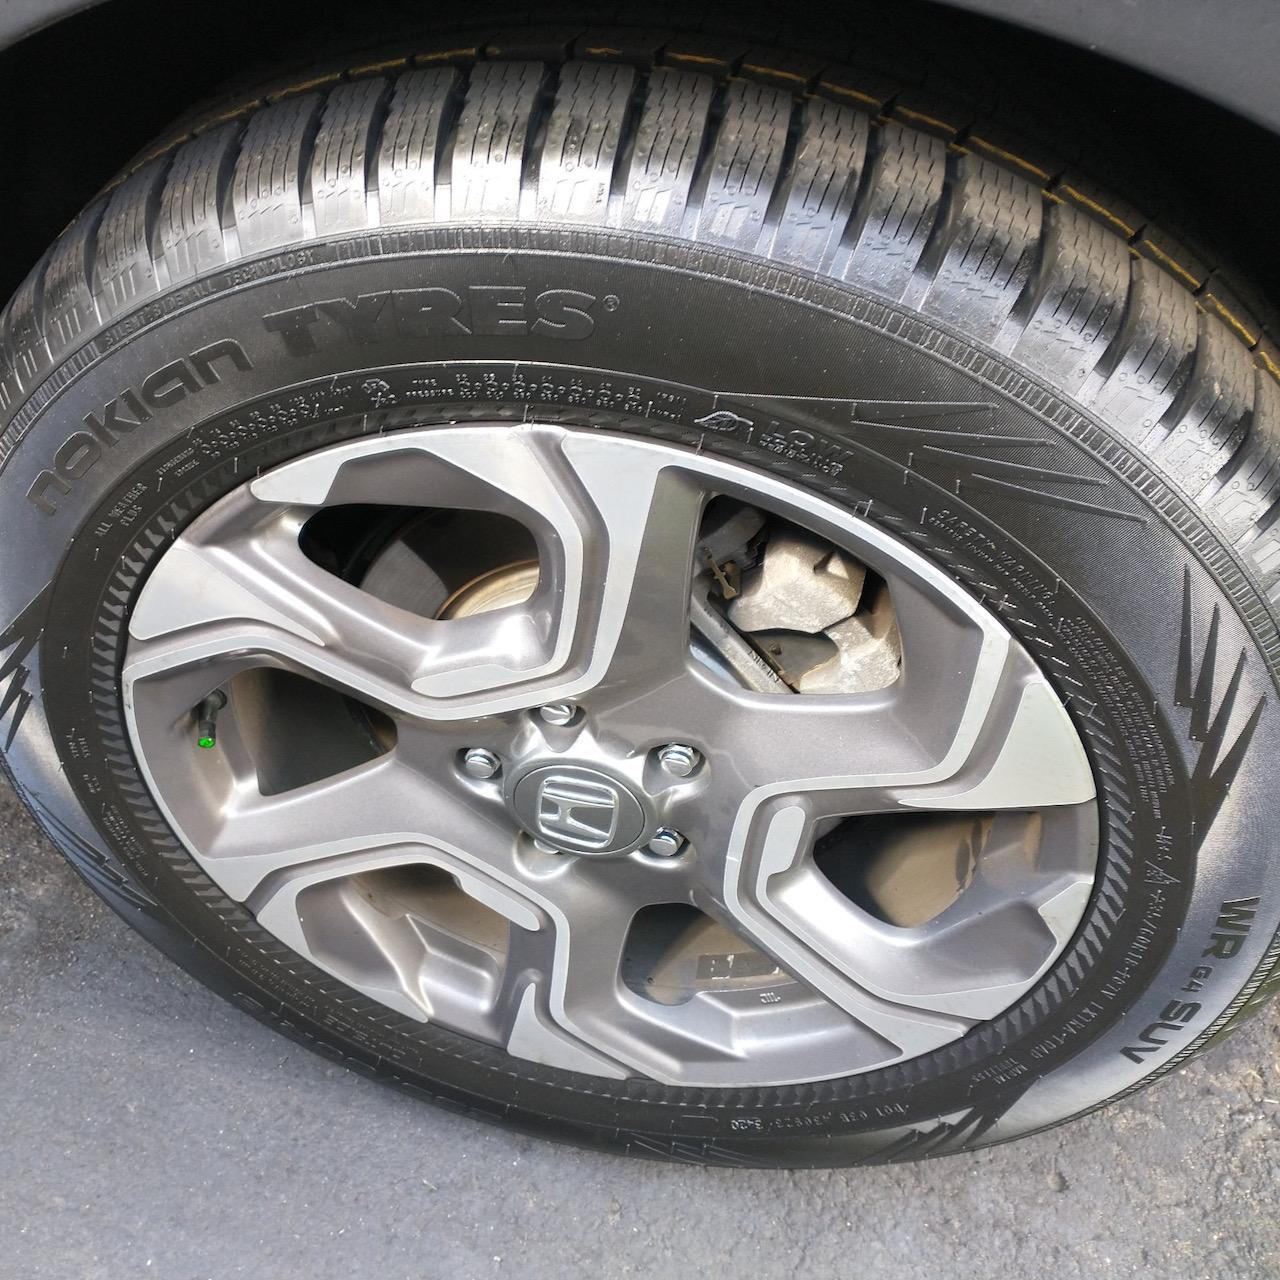 Nokian WR G4 tires on Honda CR-V wheel.